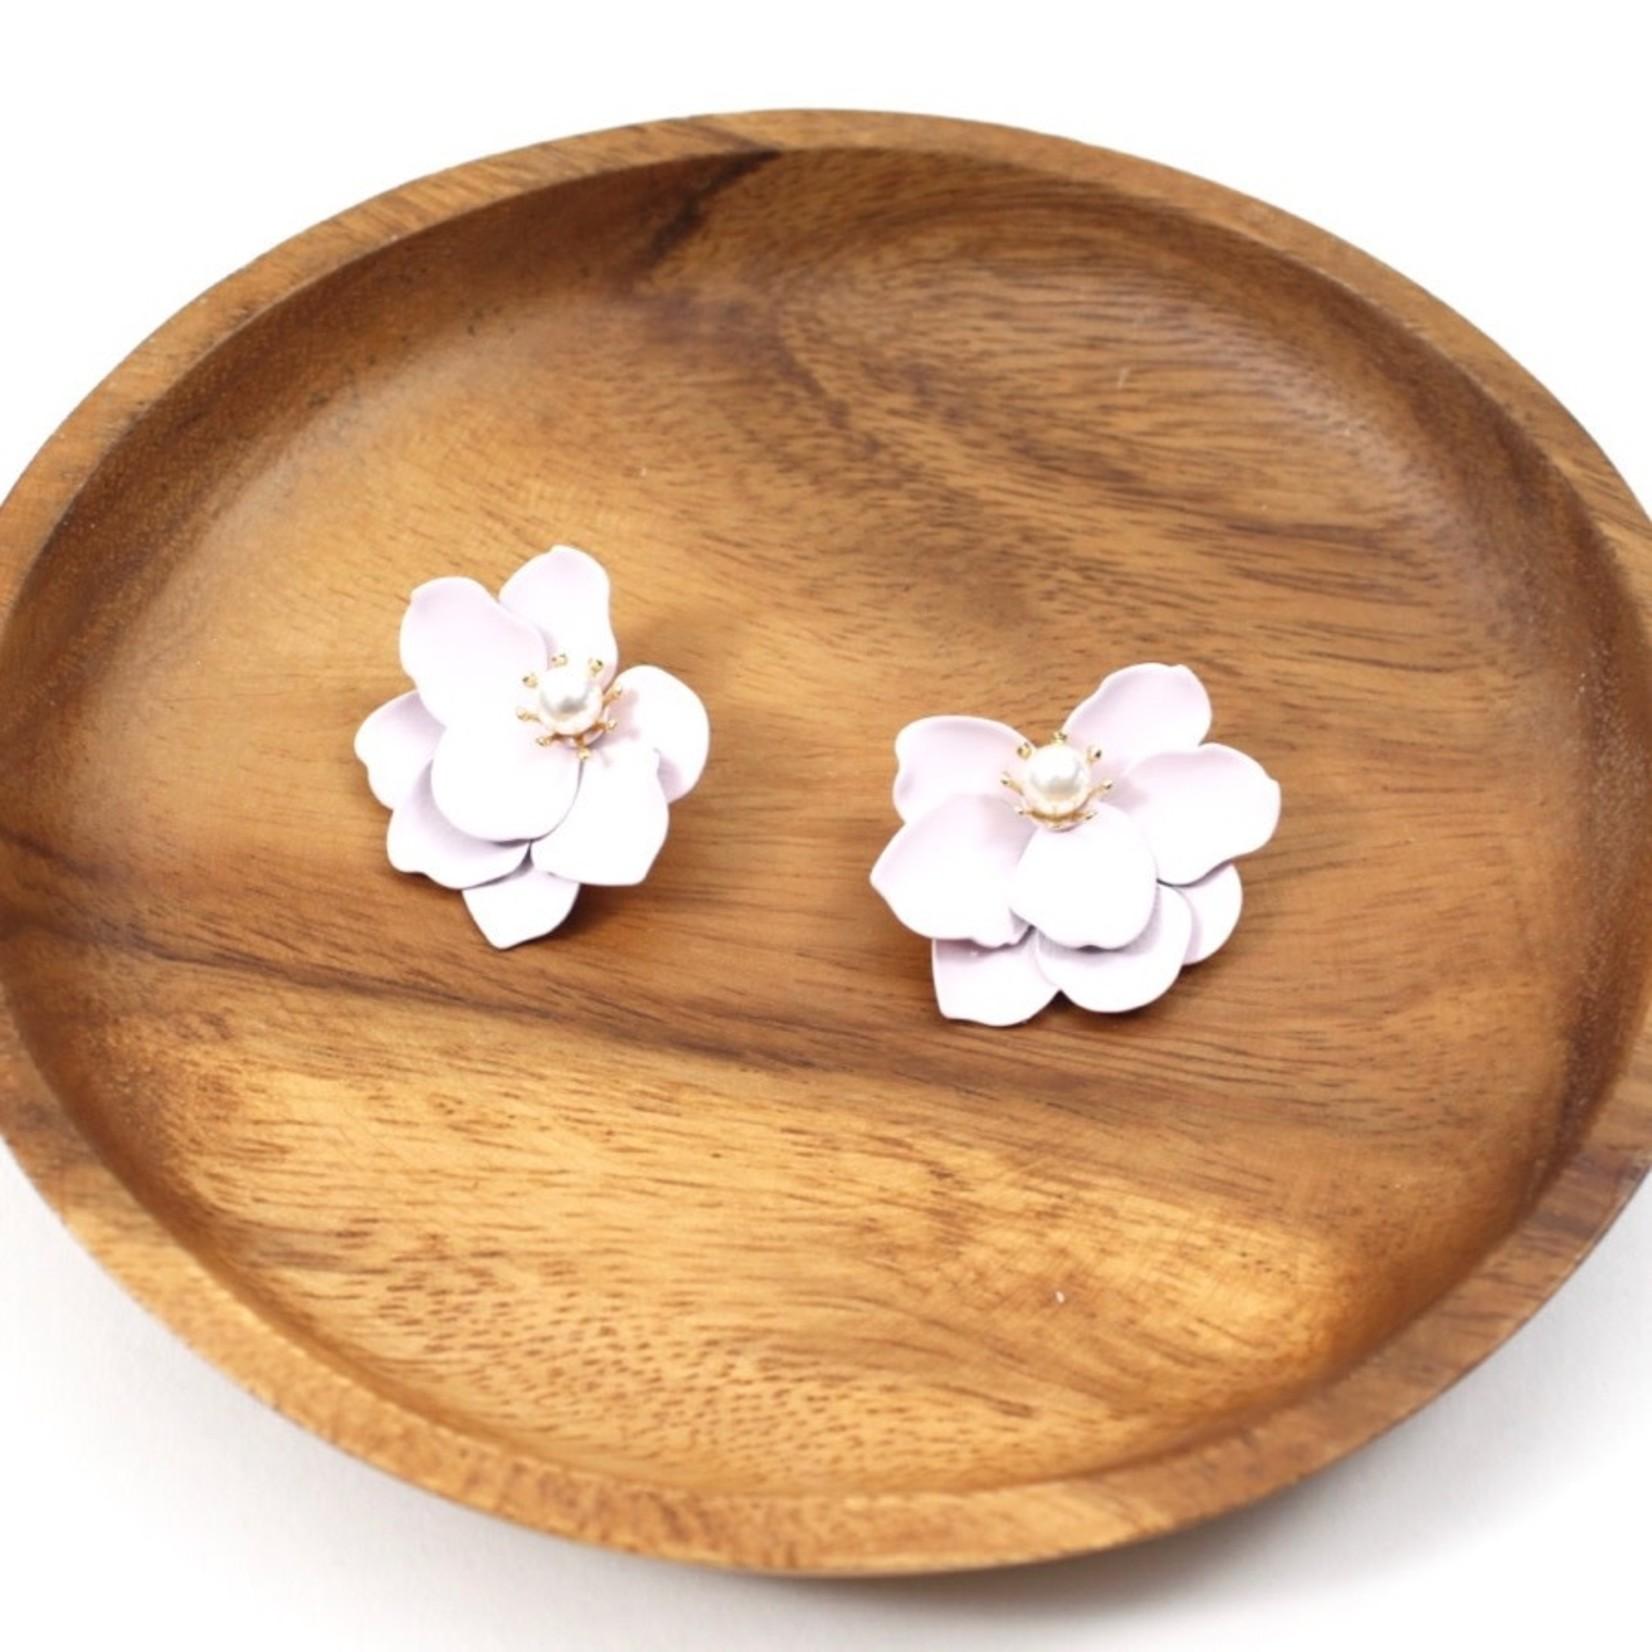 Lt Pink Flower Earrings w/ Faux Pearl Center